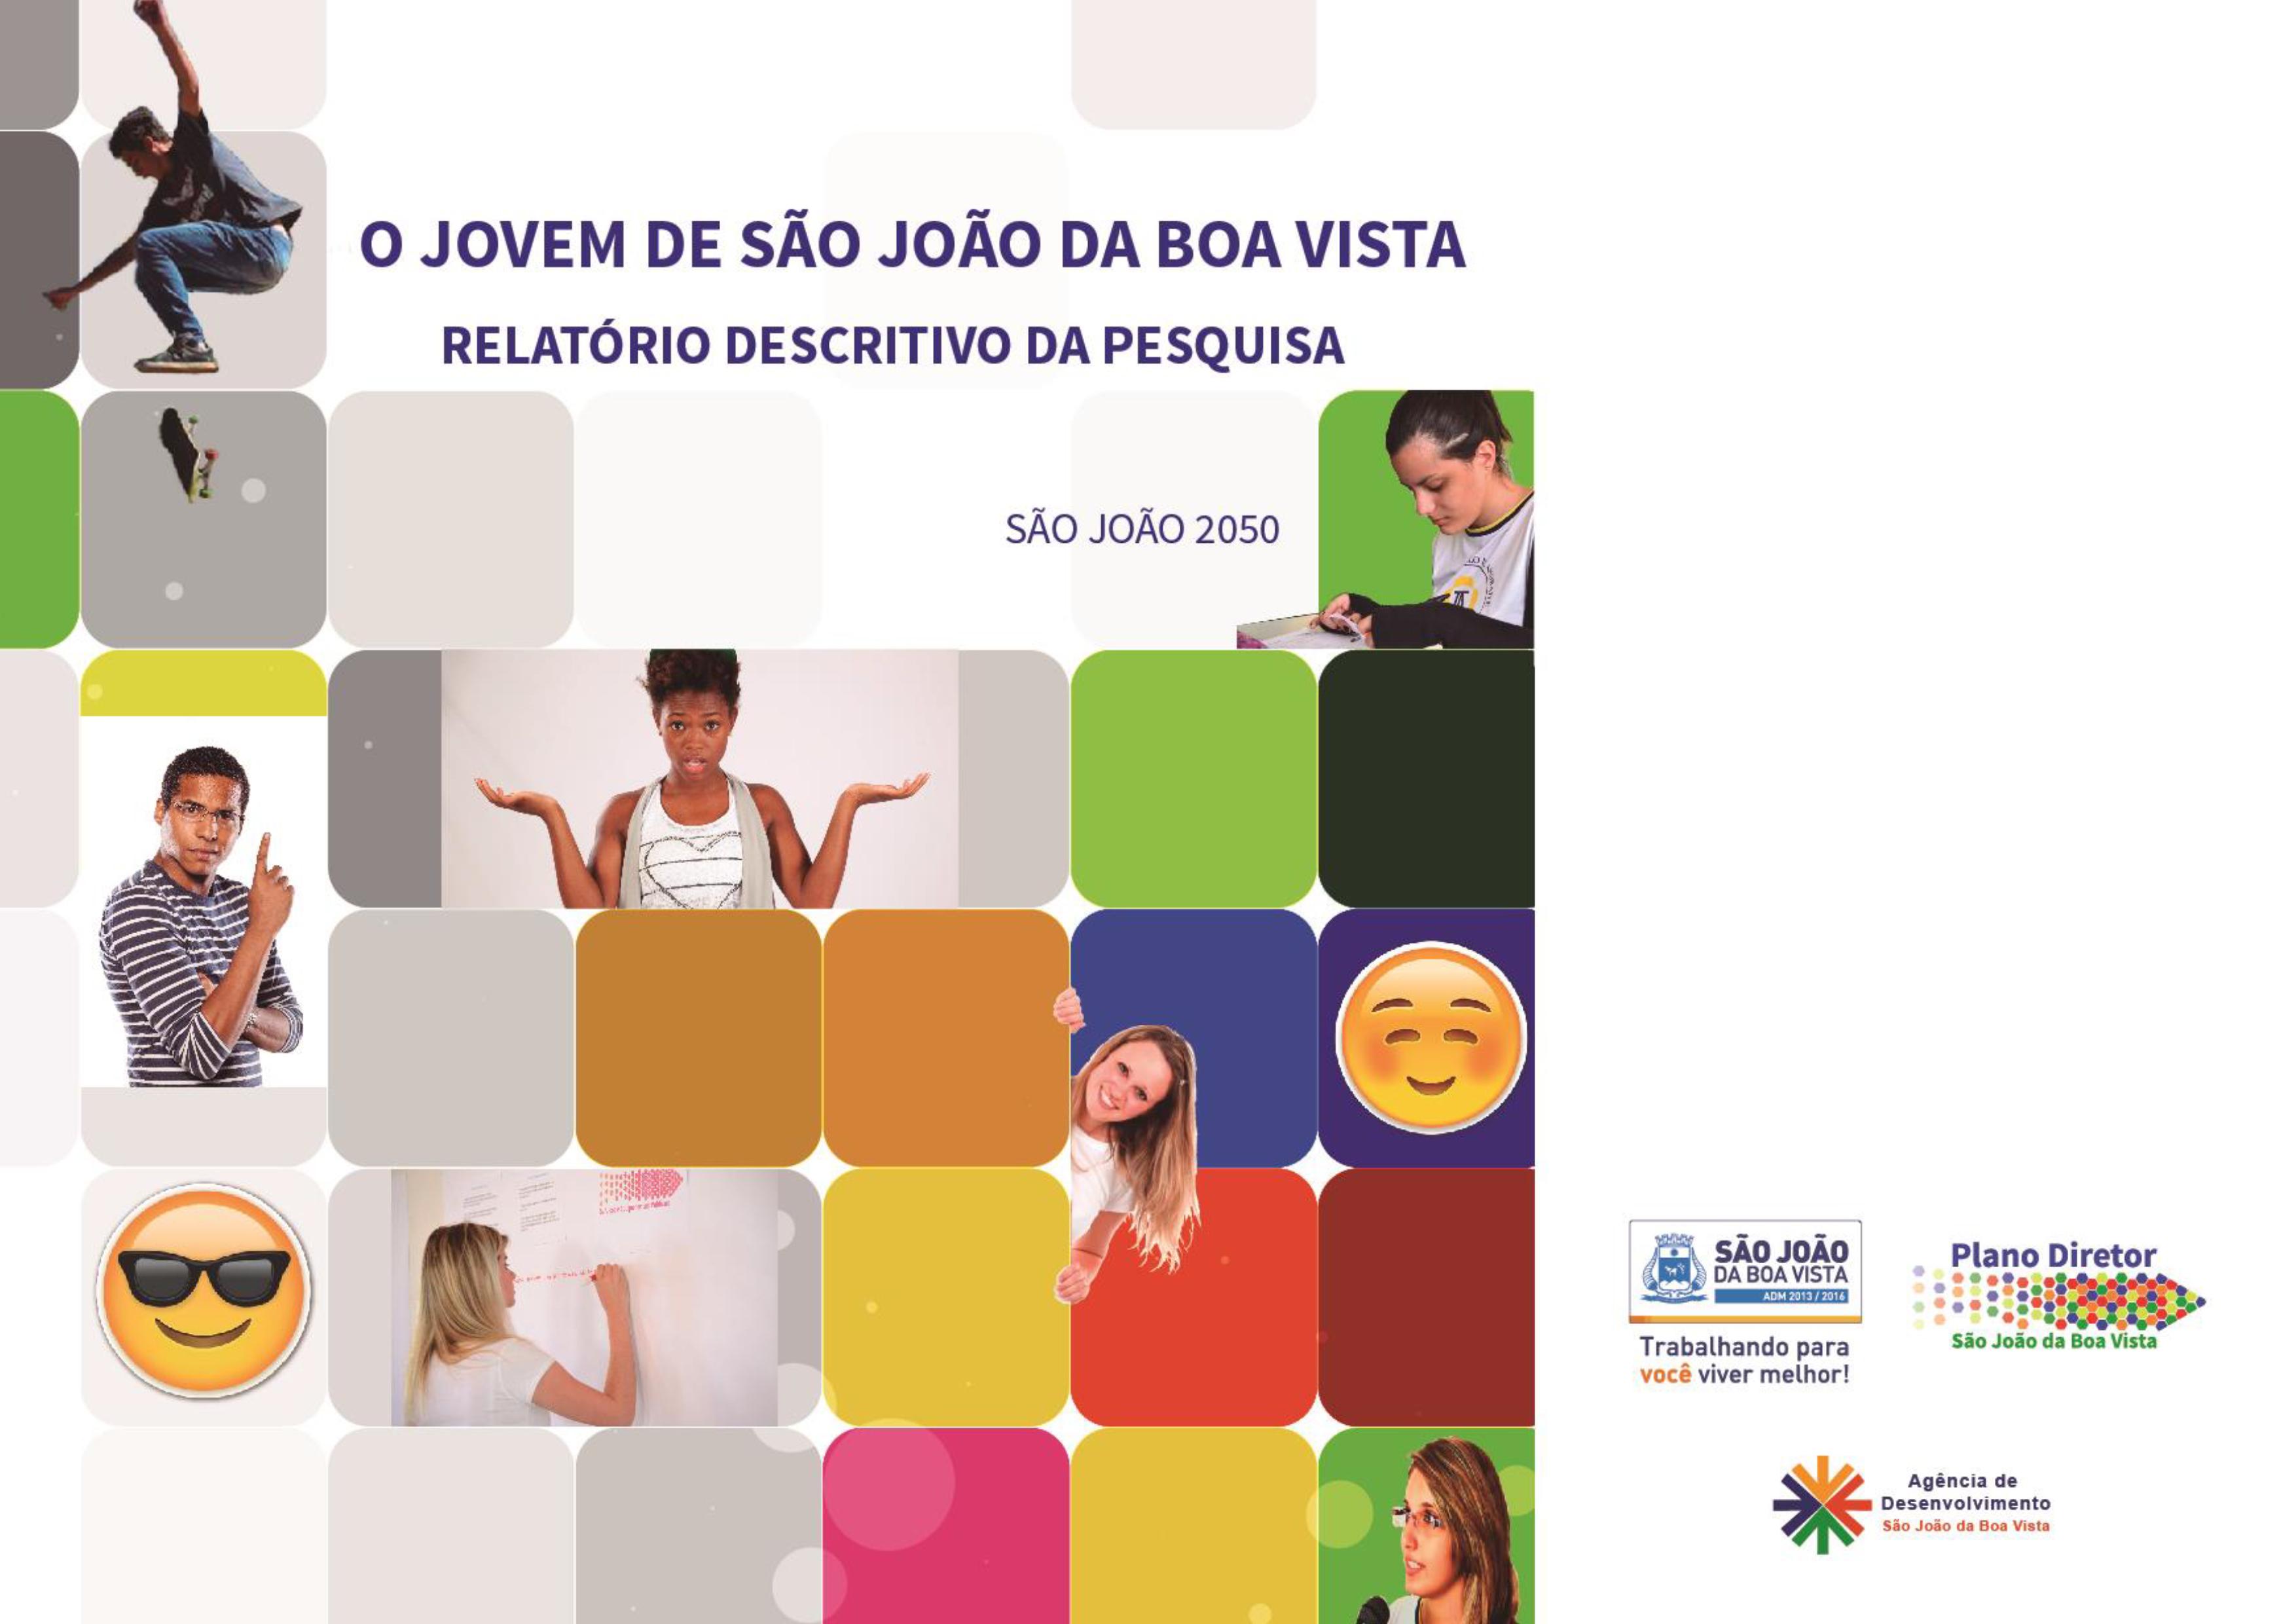 RELATÓRIO DESCRITIVO - PESQUISA O JOVEM DE SÃO JOÃO DA BOA VISTA